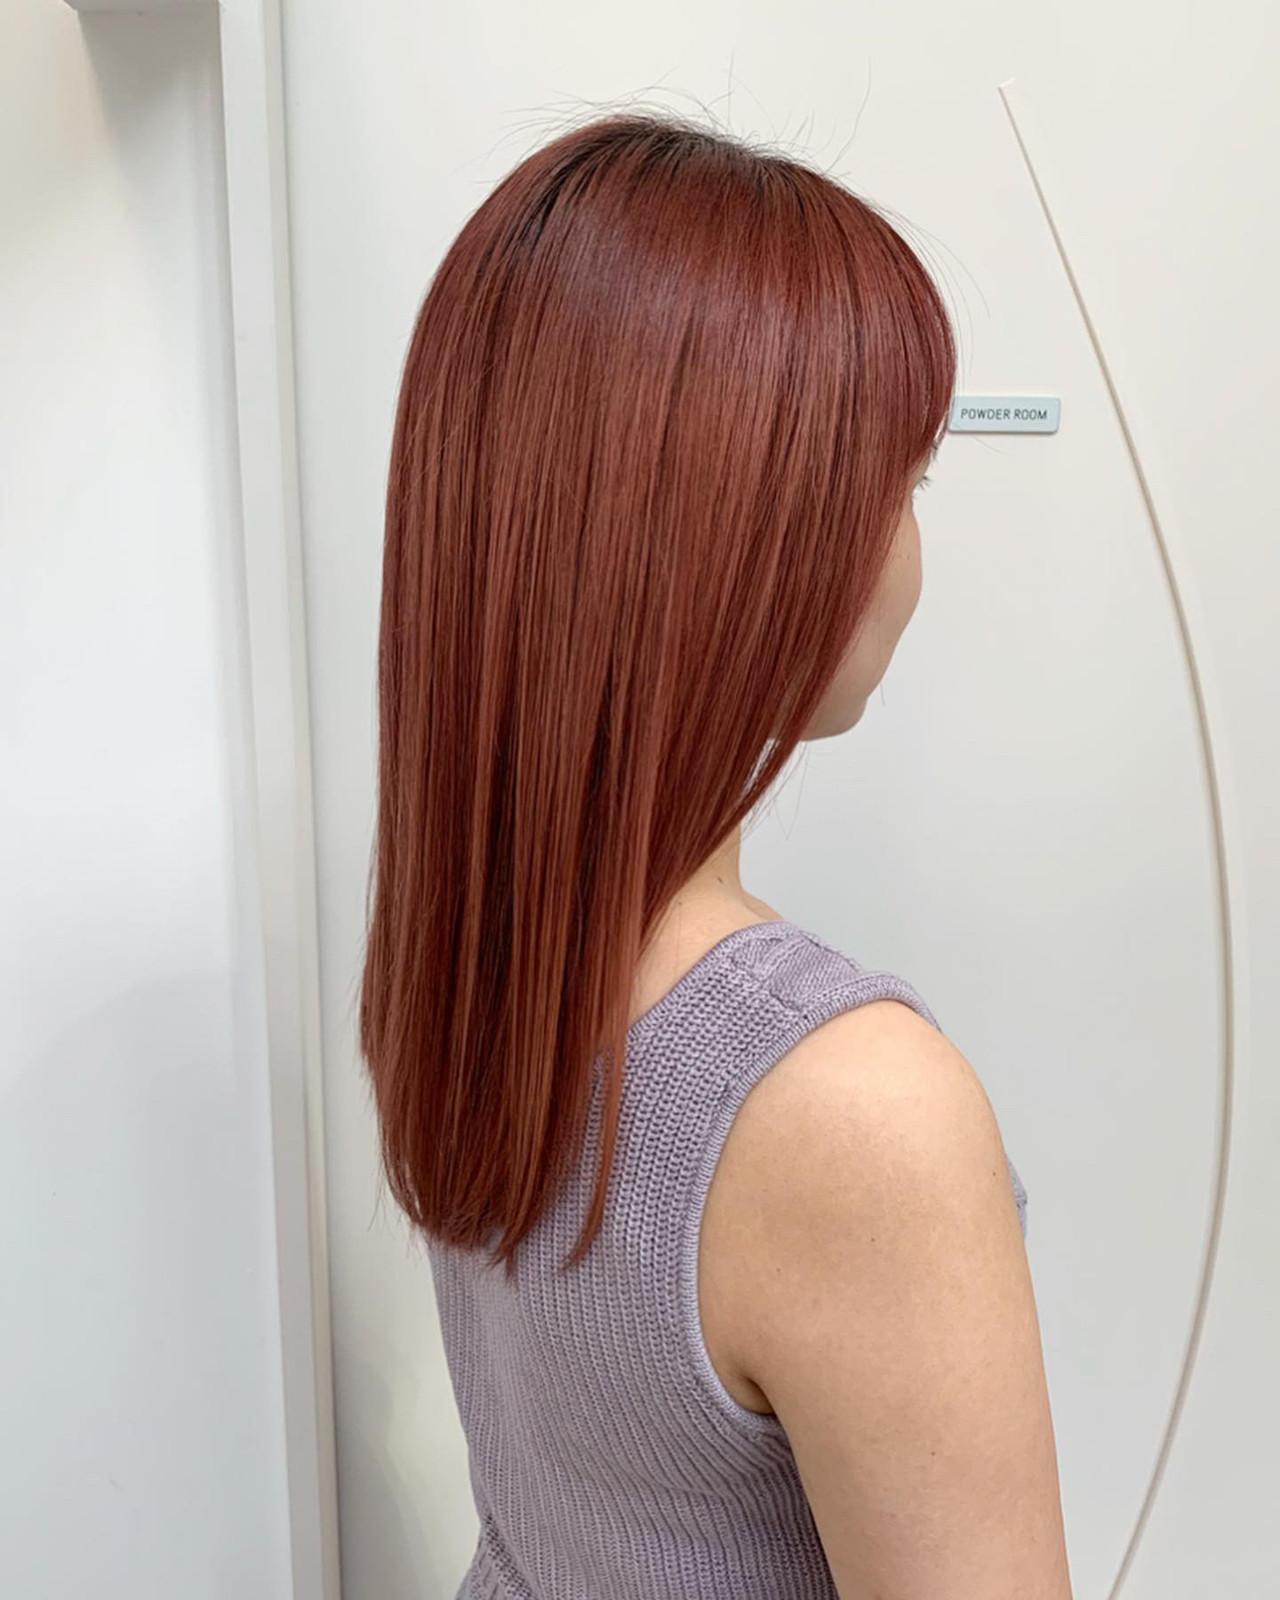 オレンジカラー ハイトーンカラー ナチュラル ピンクカラー ヘアスタイルや髪型の写真・画像